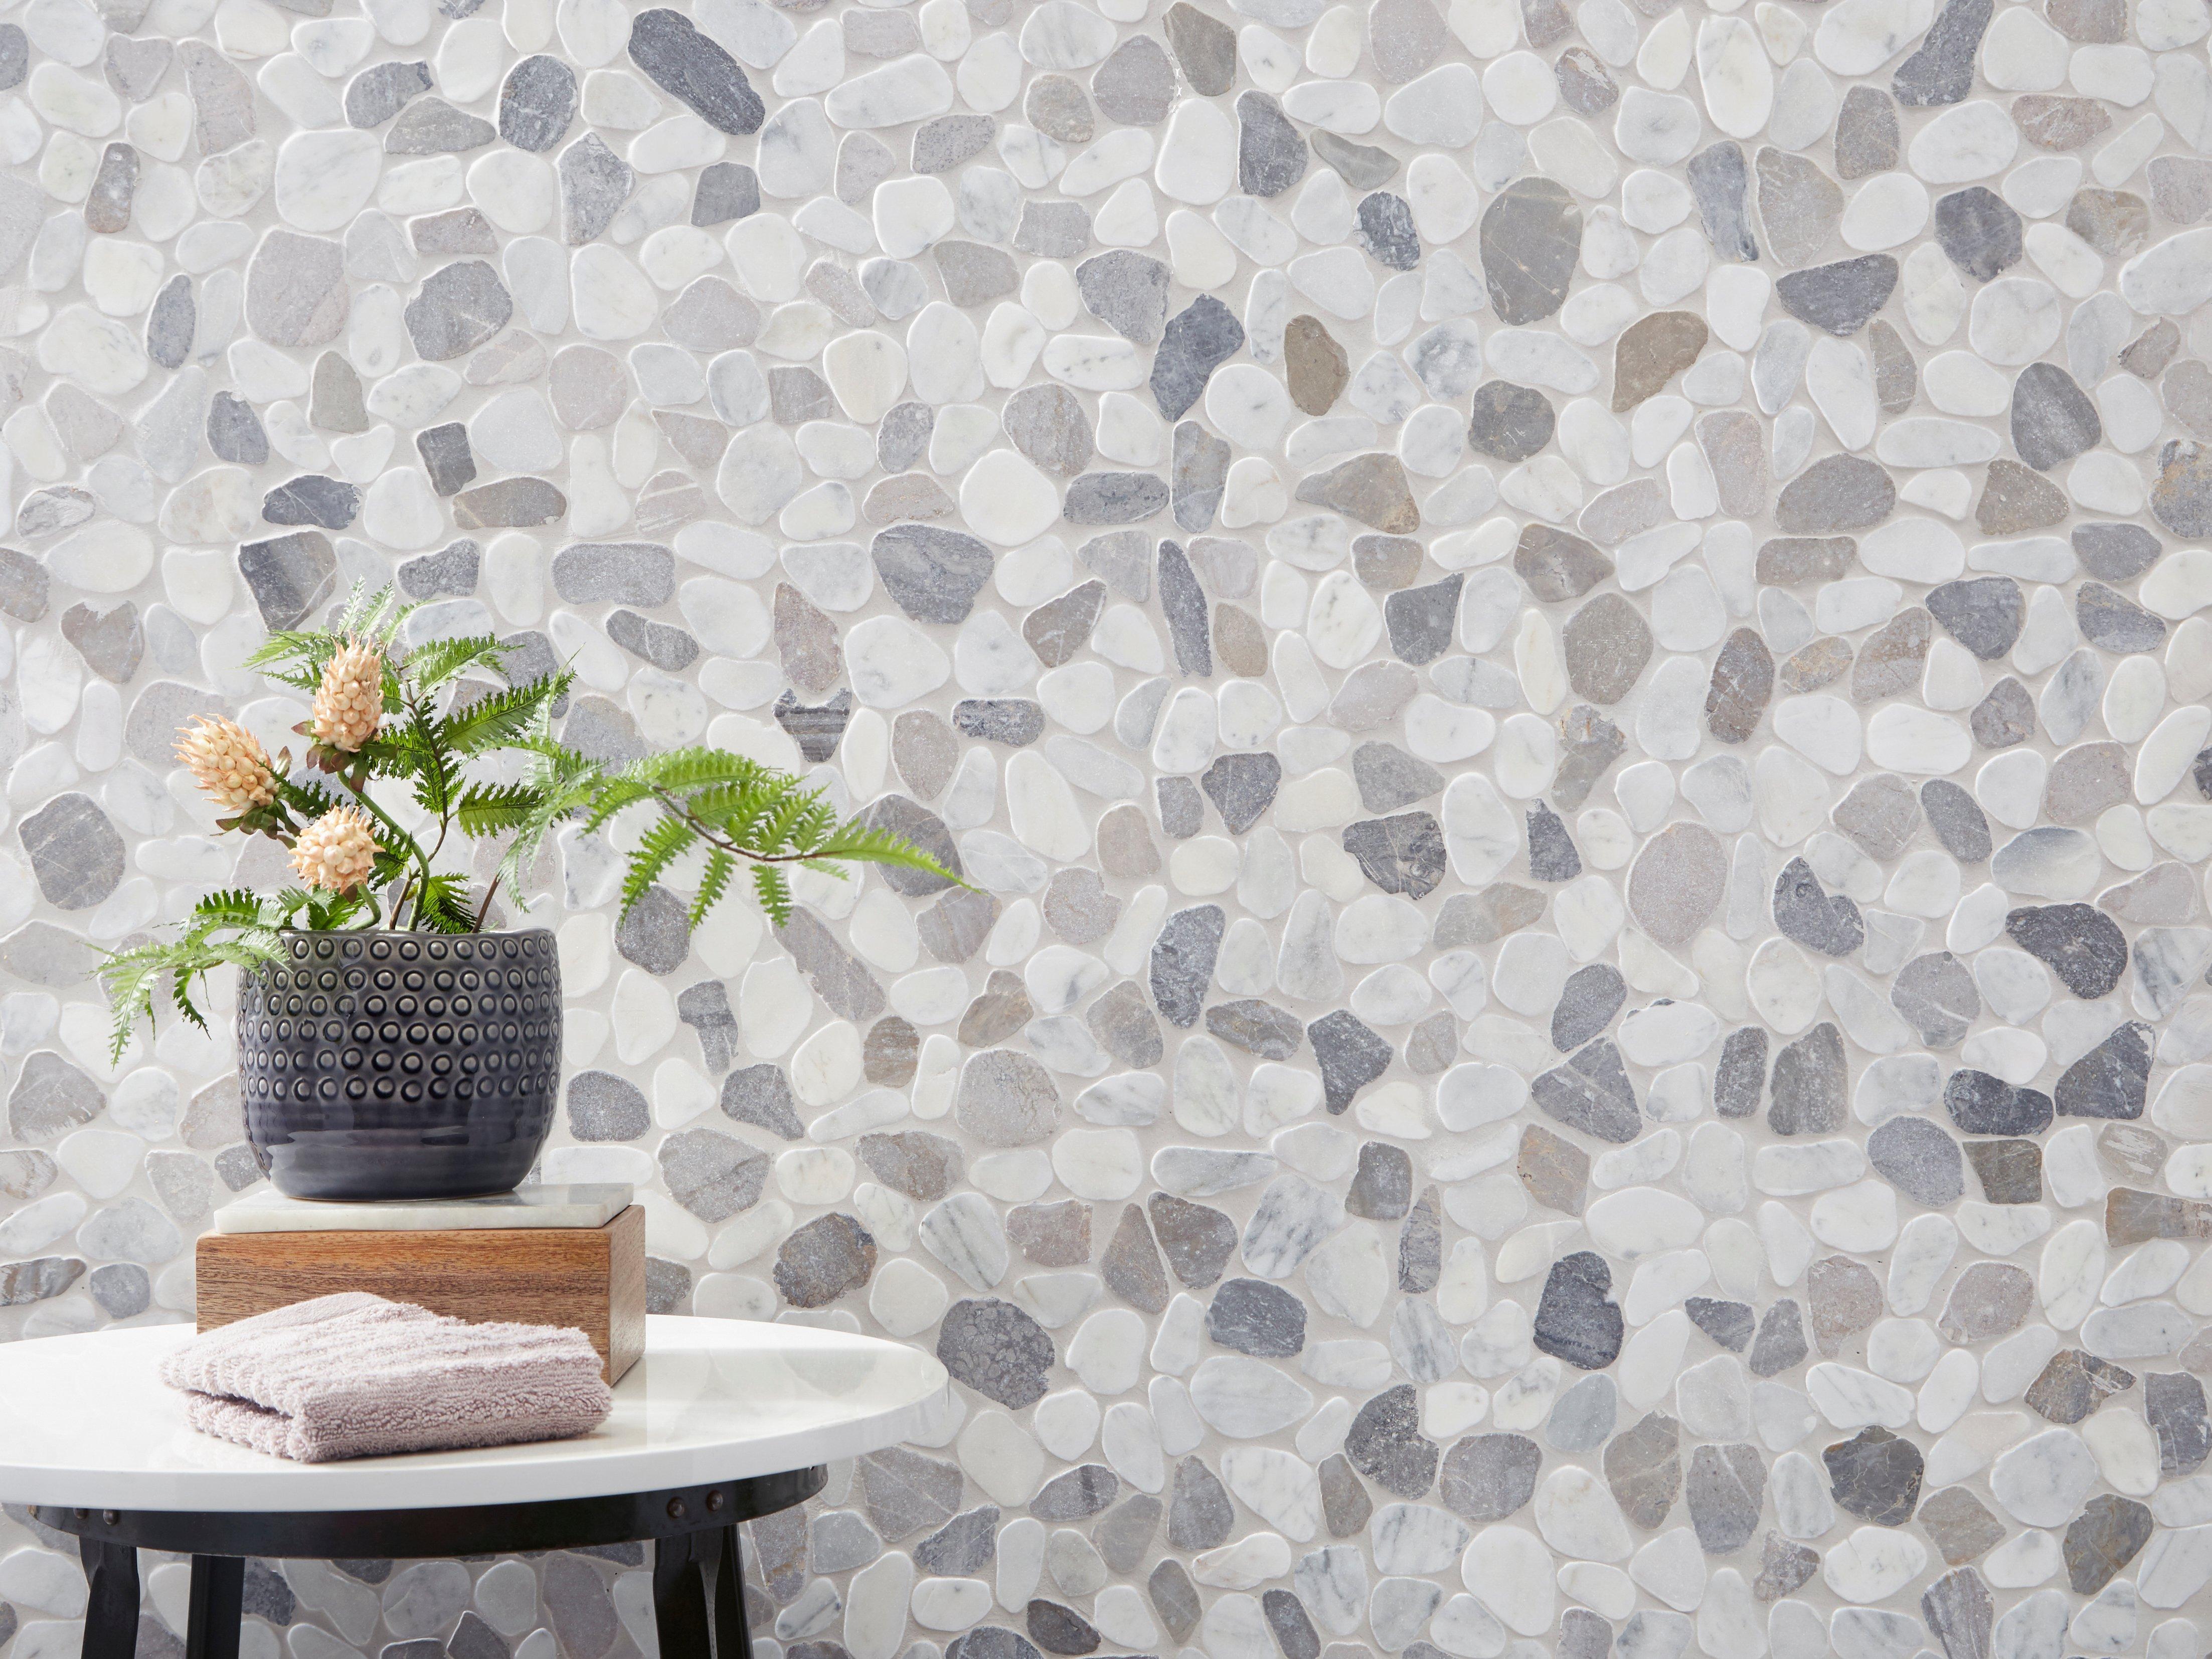 Stone Bathroom Tile Floor & Decor